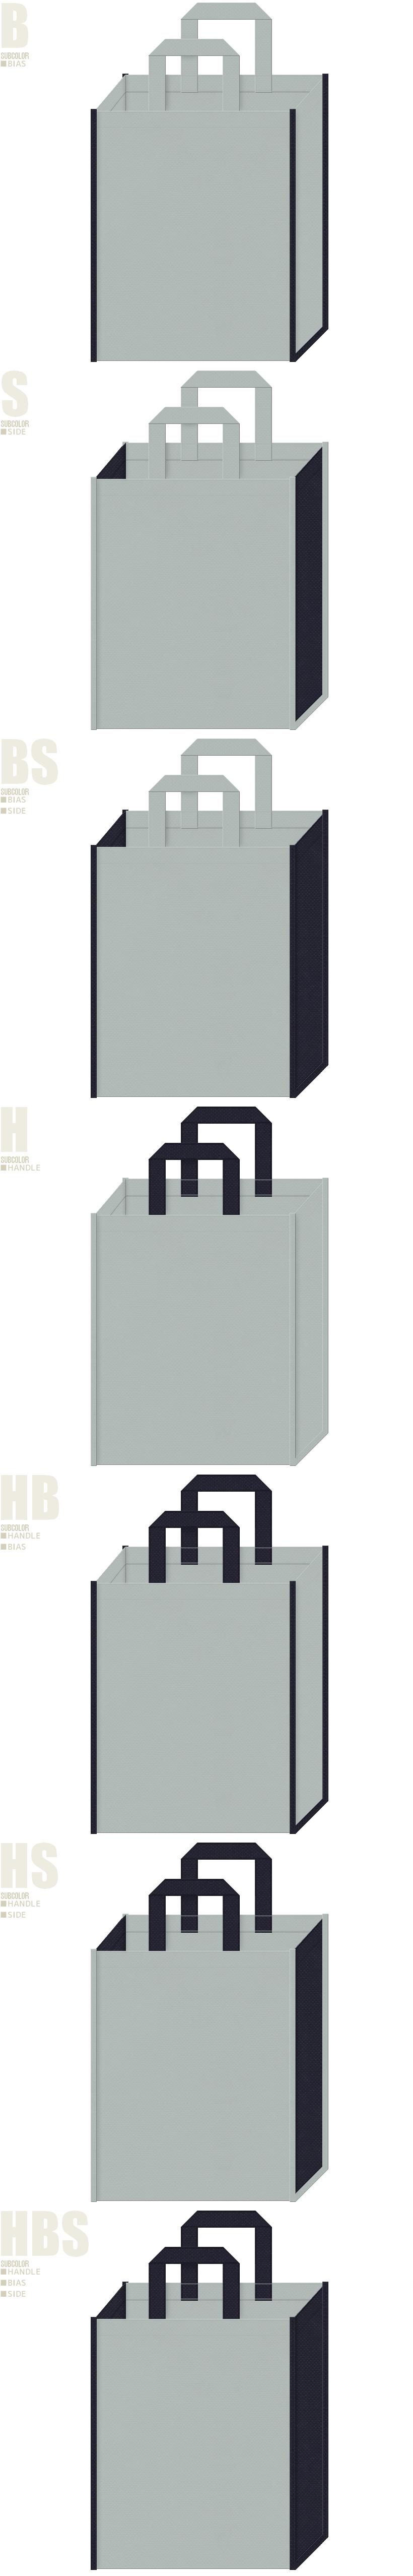 ステーショナリー・ビジネススーツ・企業説明会・学校・学園・オープンキャンパス・学習塾・学術セミナー・レッスンバッグ・ロボット・ラジコン・プラモデル・ホビーの展示会用バッグにお奨めの不織布バッグデザイン:グレー色と濃紺色の配色7パターン